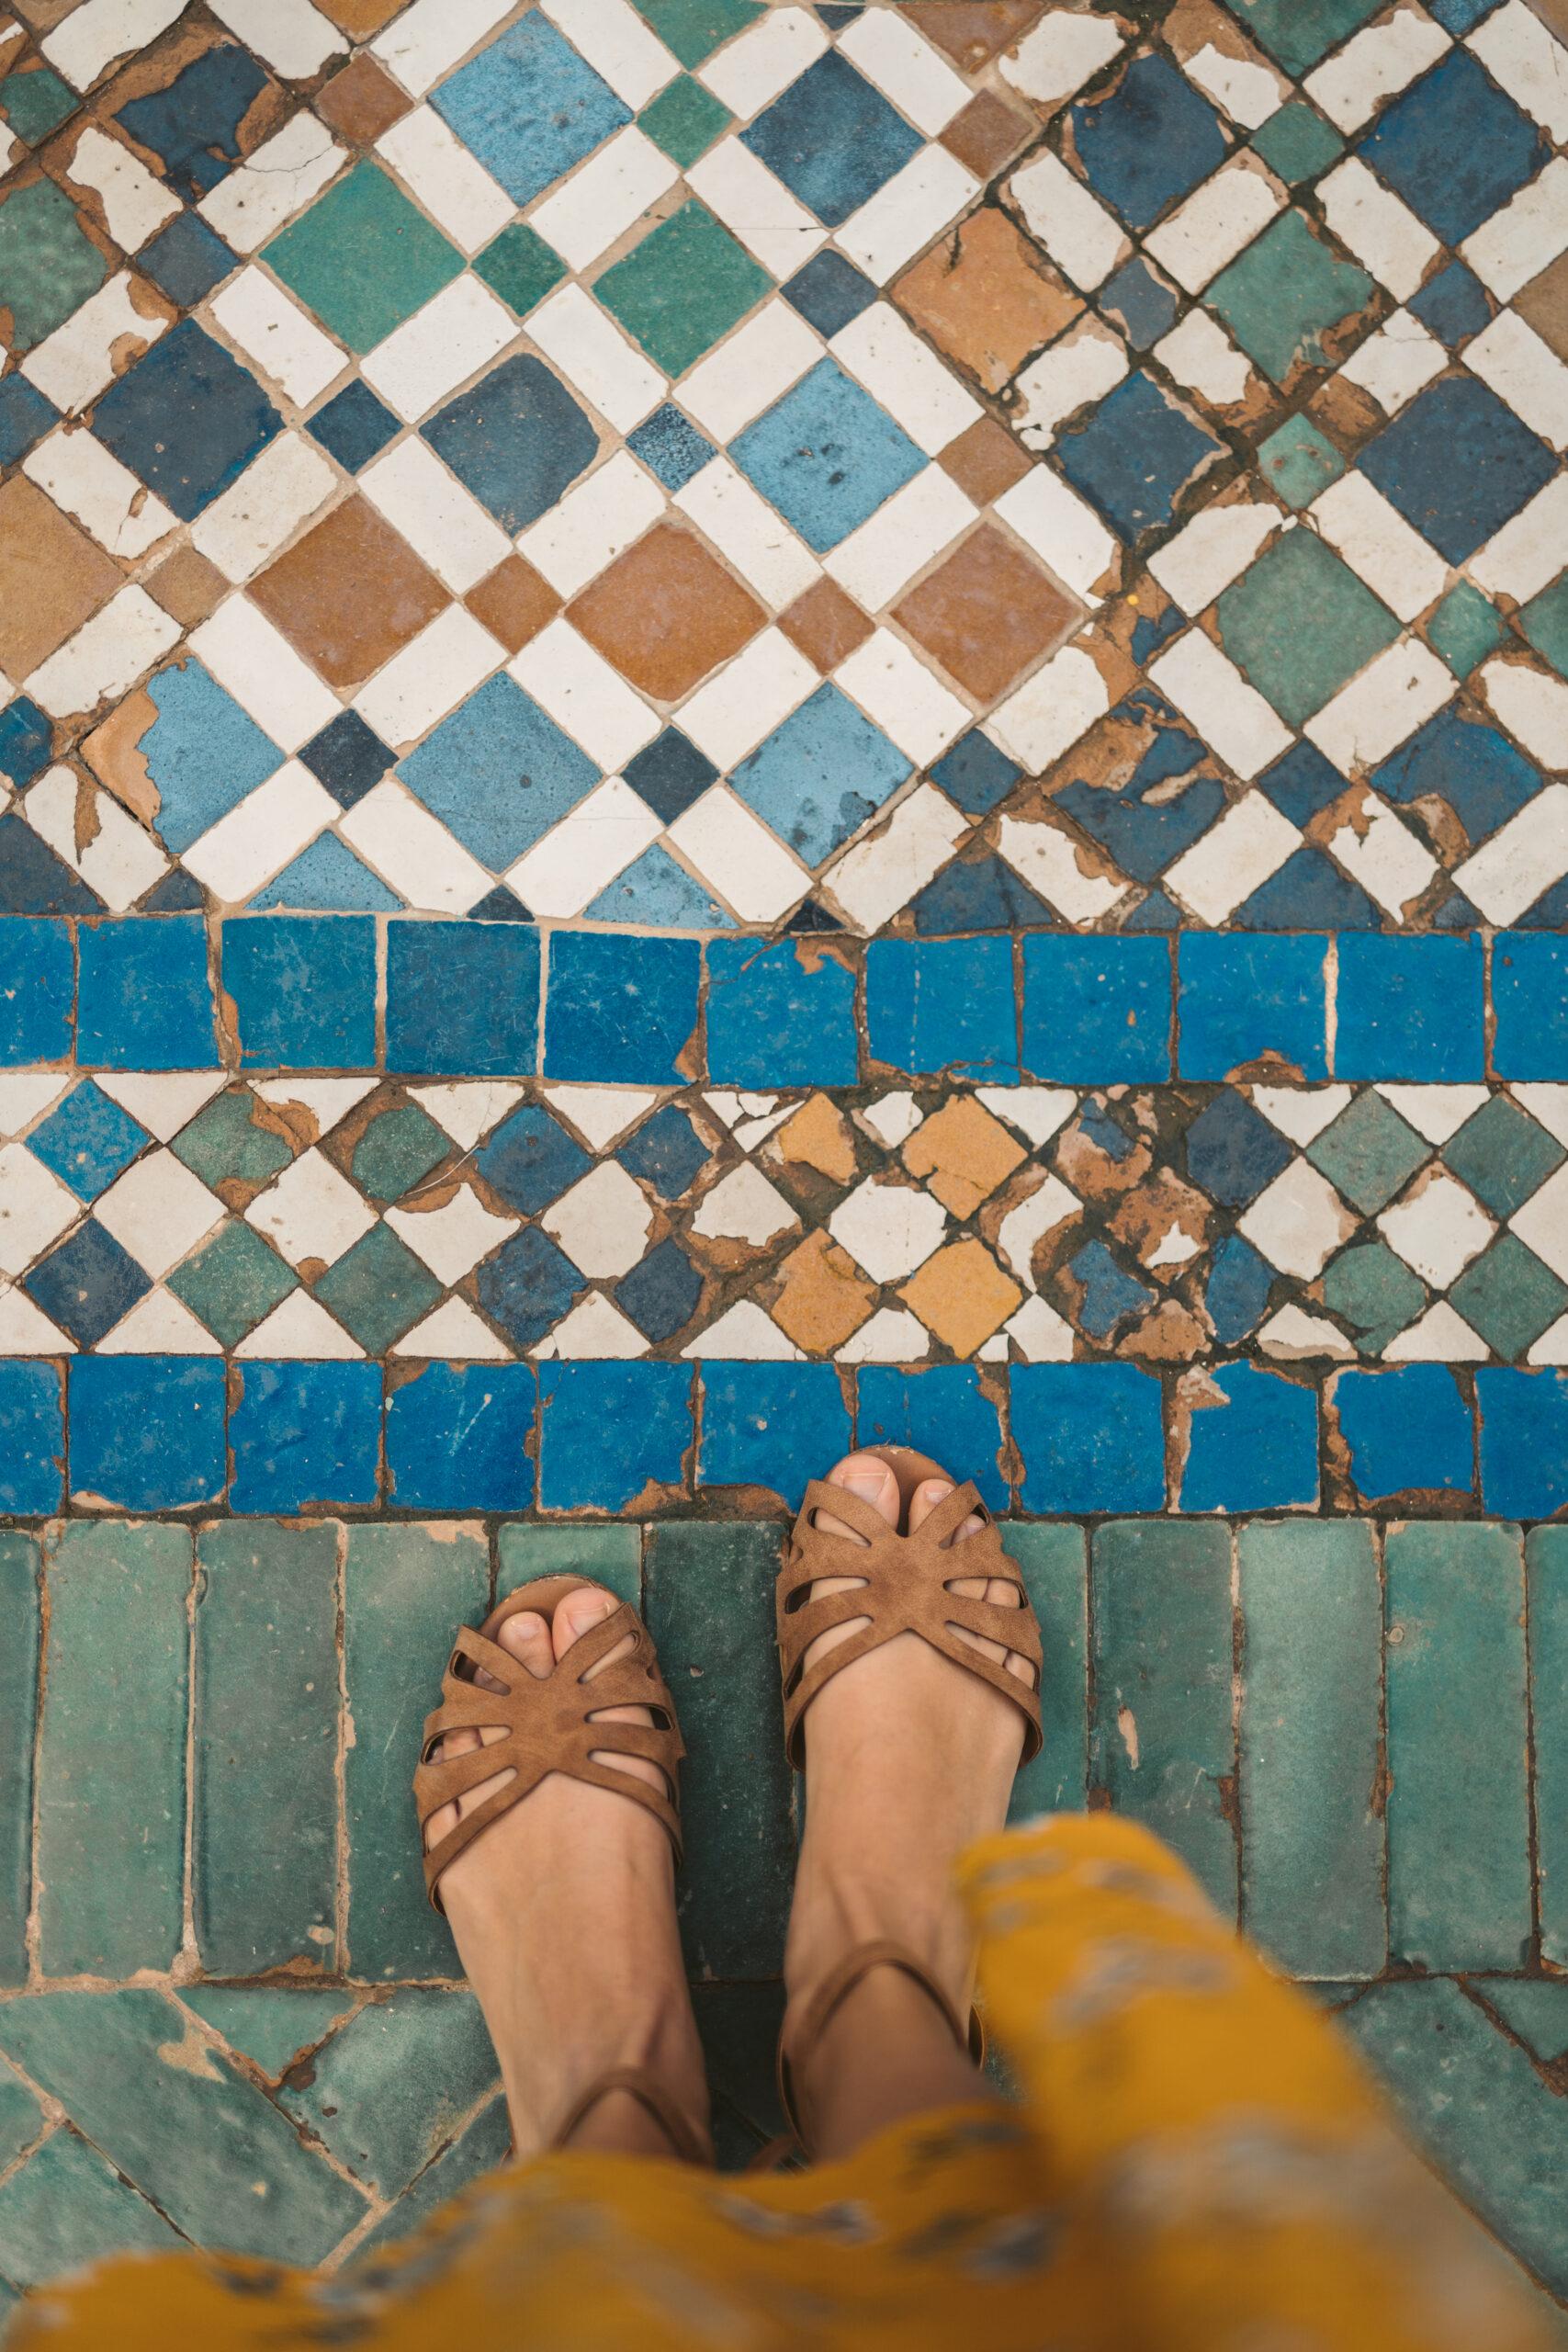 Natuursteen vloertegels, tegels met een bijzonder karakter